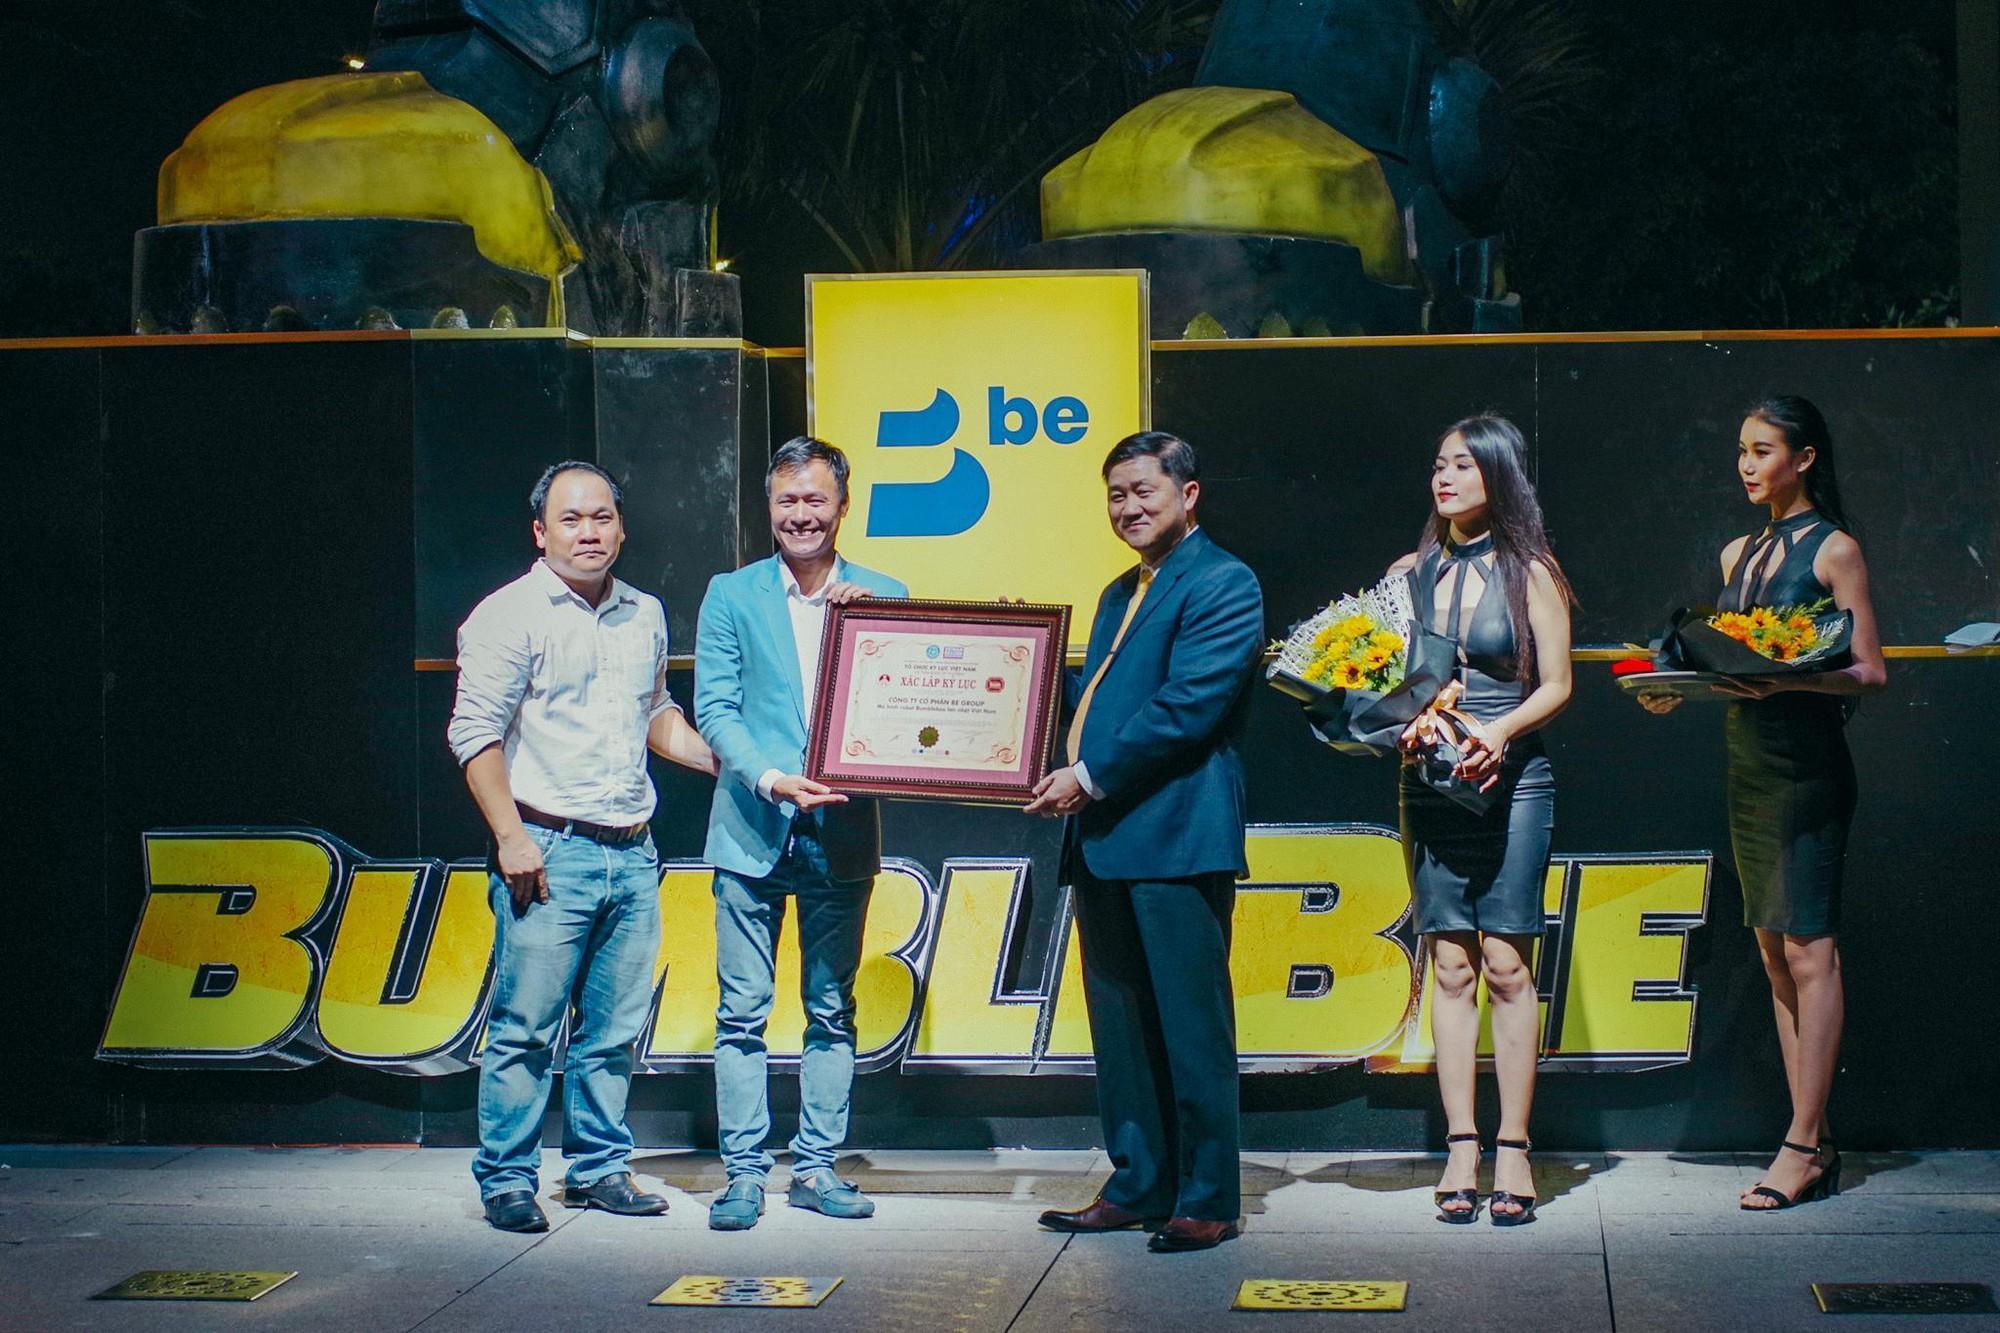 Choáng ngợp với mô hình Bumblebee lớn nhất tại Việt Nam - Ảnh 10.